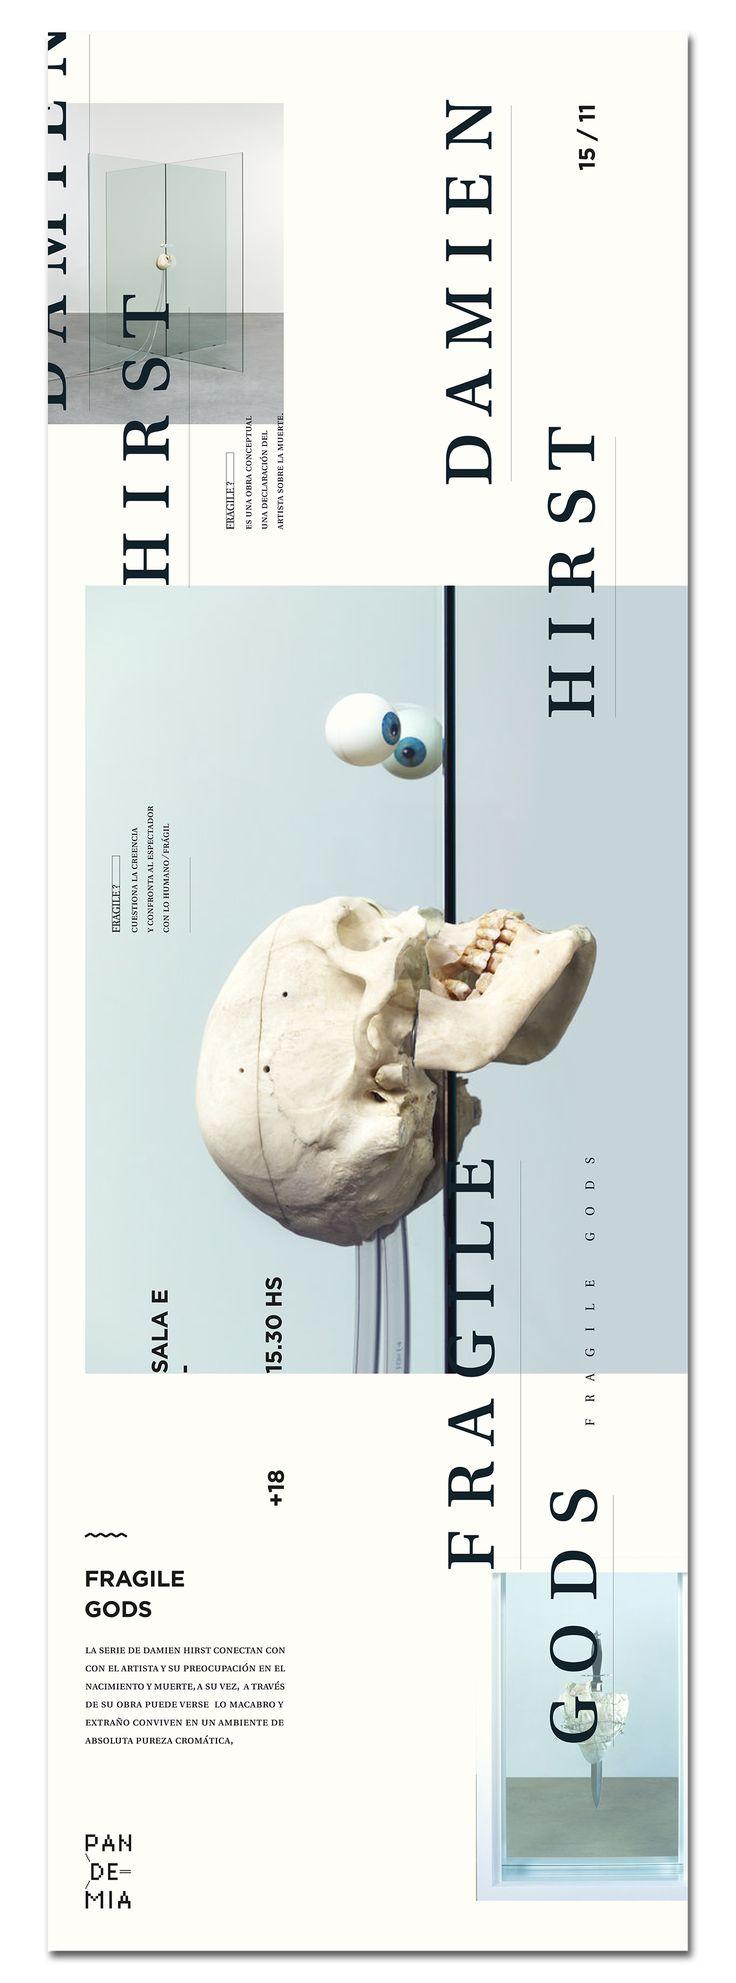 Exposición de esculturas del artista británico Damien Hirst, para el festival Pandemia · Proyecto final para la materia Diseño III · Cátedra Gabriele · FADU / UBA